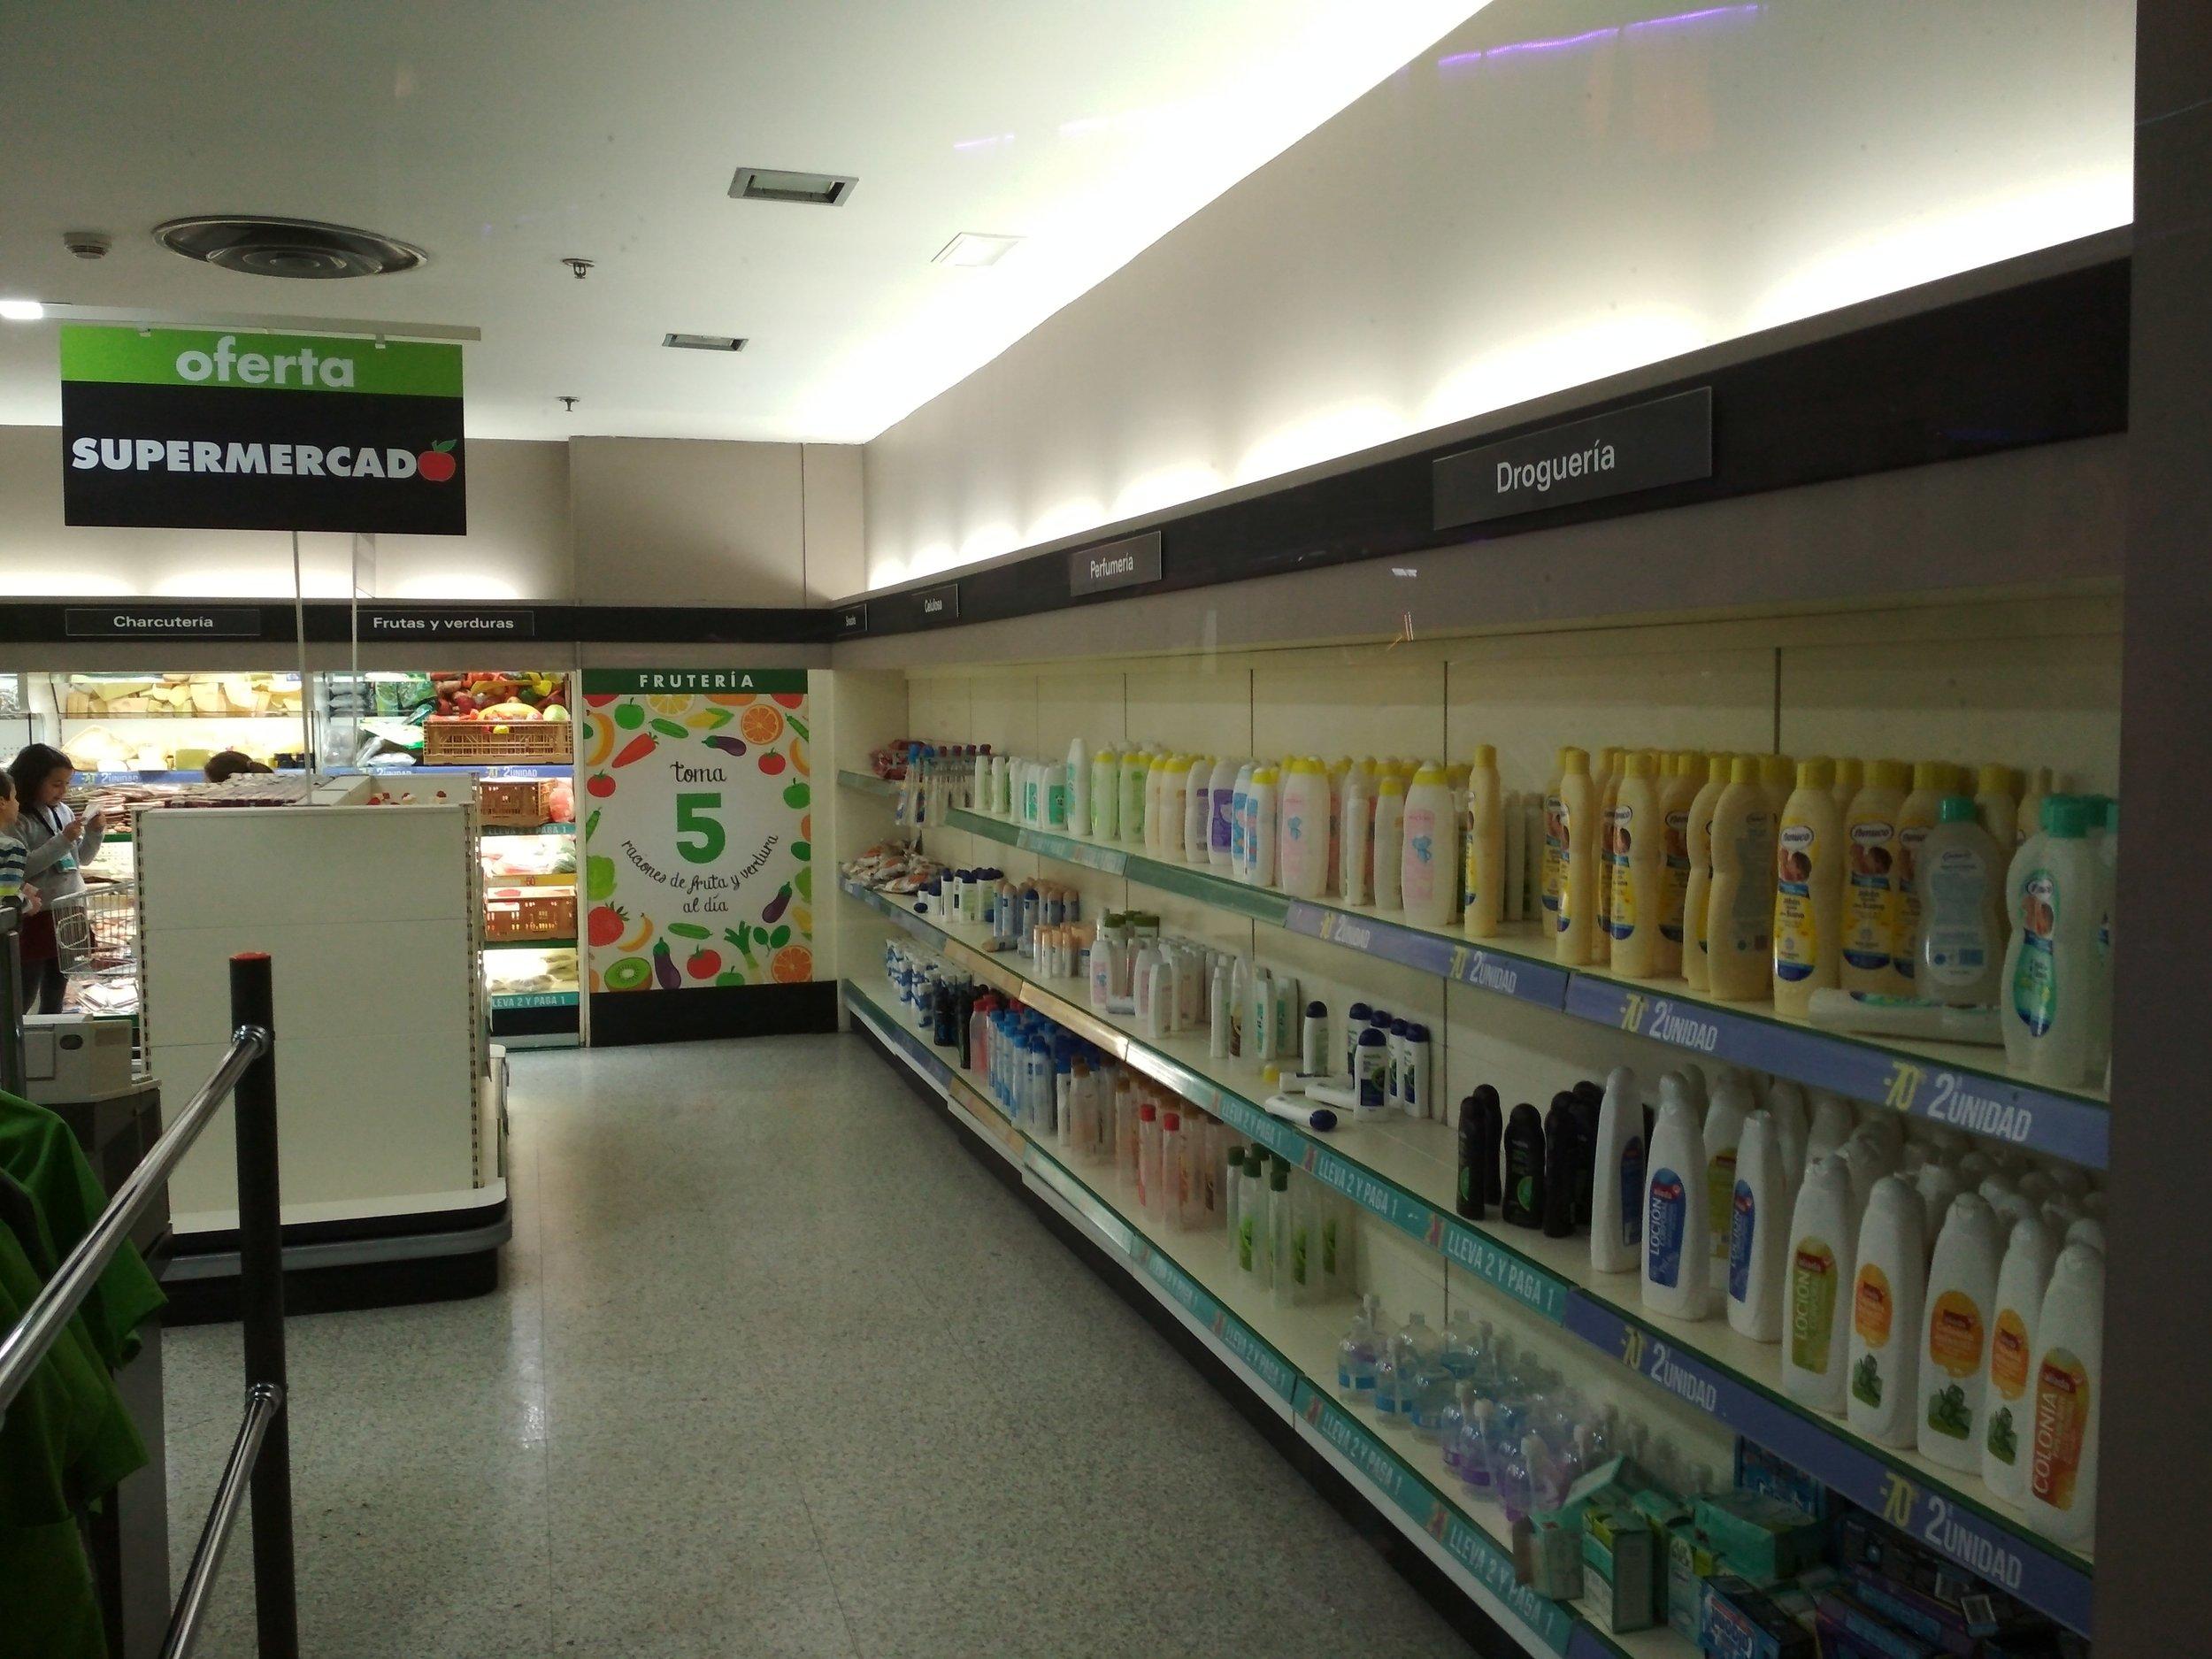 Todos los espacios, todas las marcas de productos representados, pertenecen a patrocinadores reales como El Corte Inglés, Iberia, Pullmantur o Antena 3.